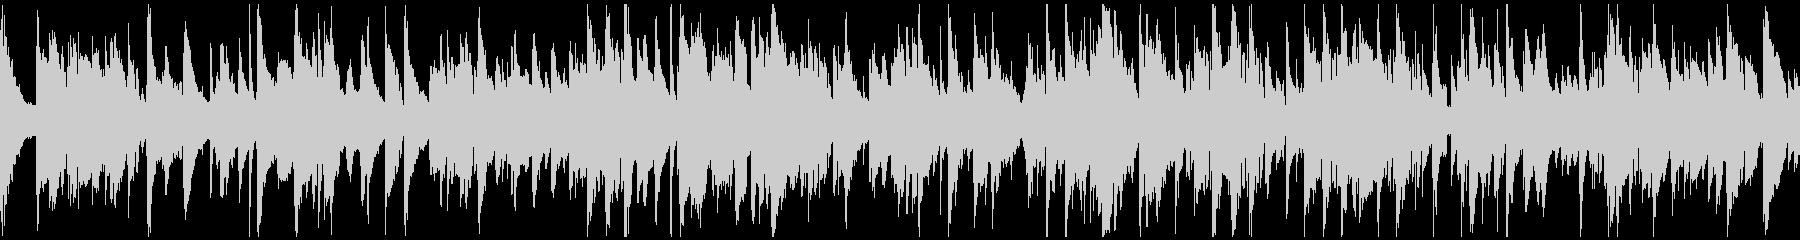 センチメンタルなジャズバラード※ループ版の未再生の波形